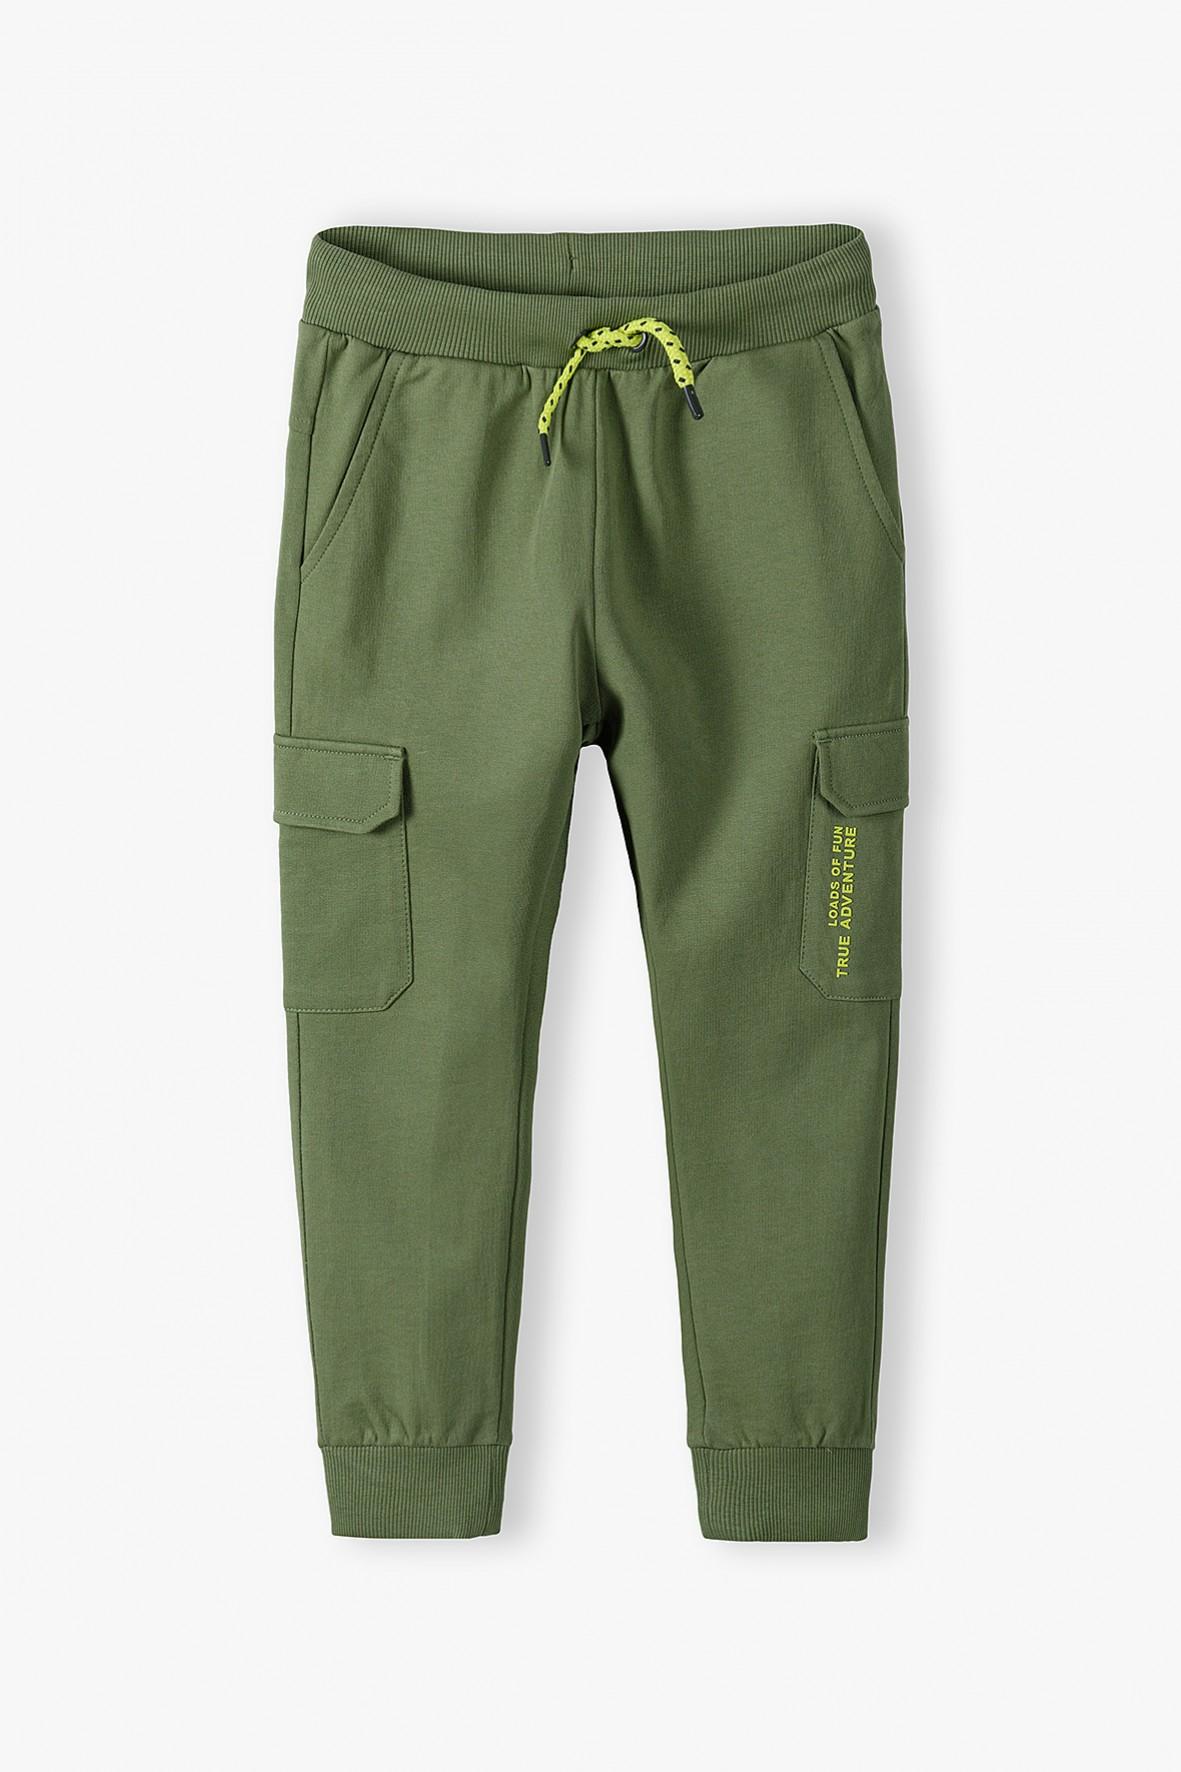 Spodnie dresowe chłopięce z kieszeniami khaki